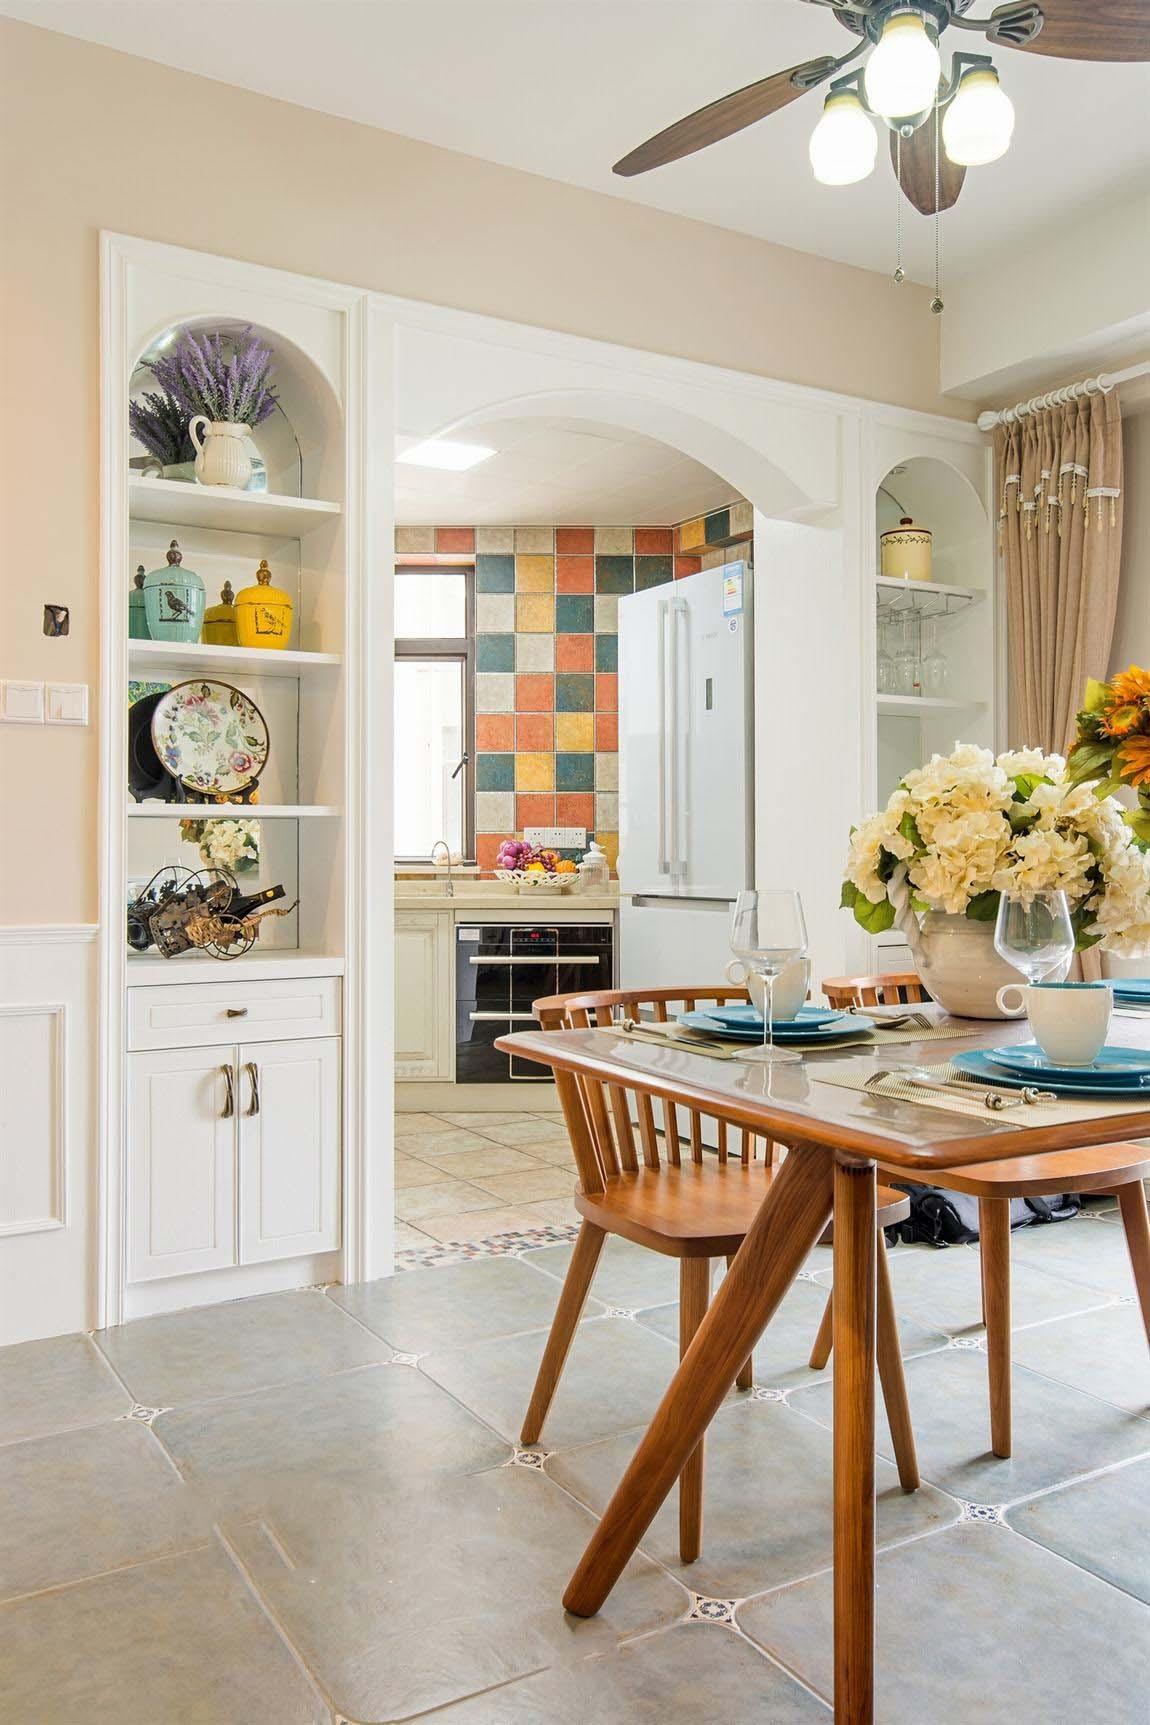 美式乡村田园风厨房客厅隔断装饰效果图